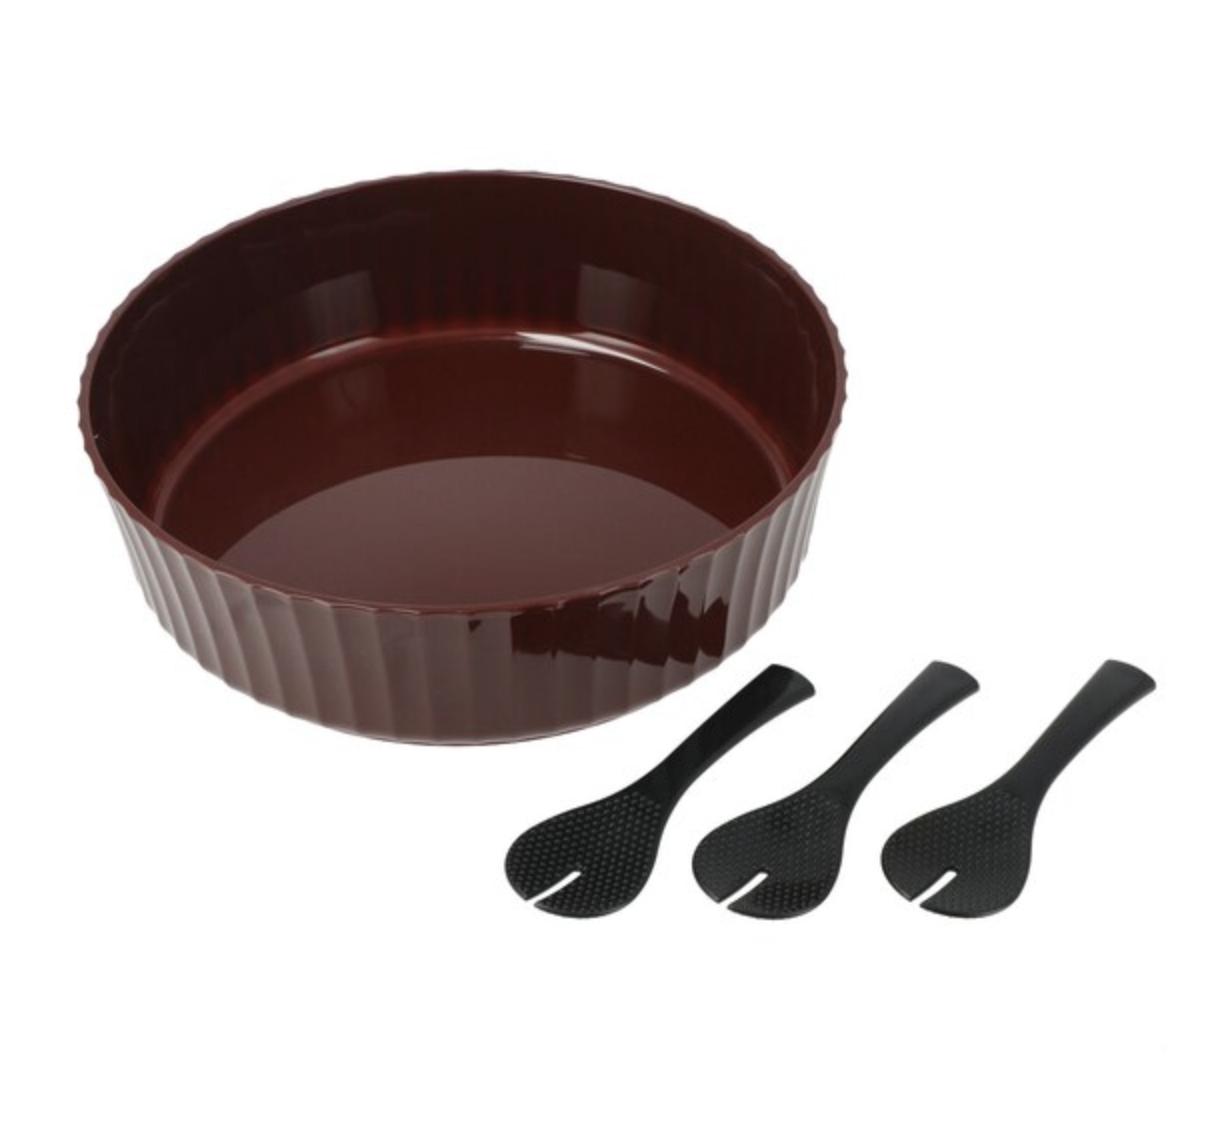 漆器風手巻き・ちらし寿司4点セット